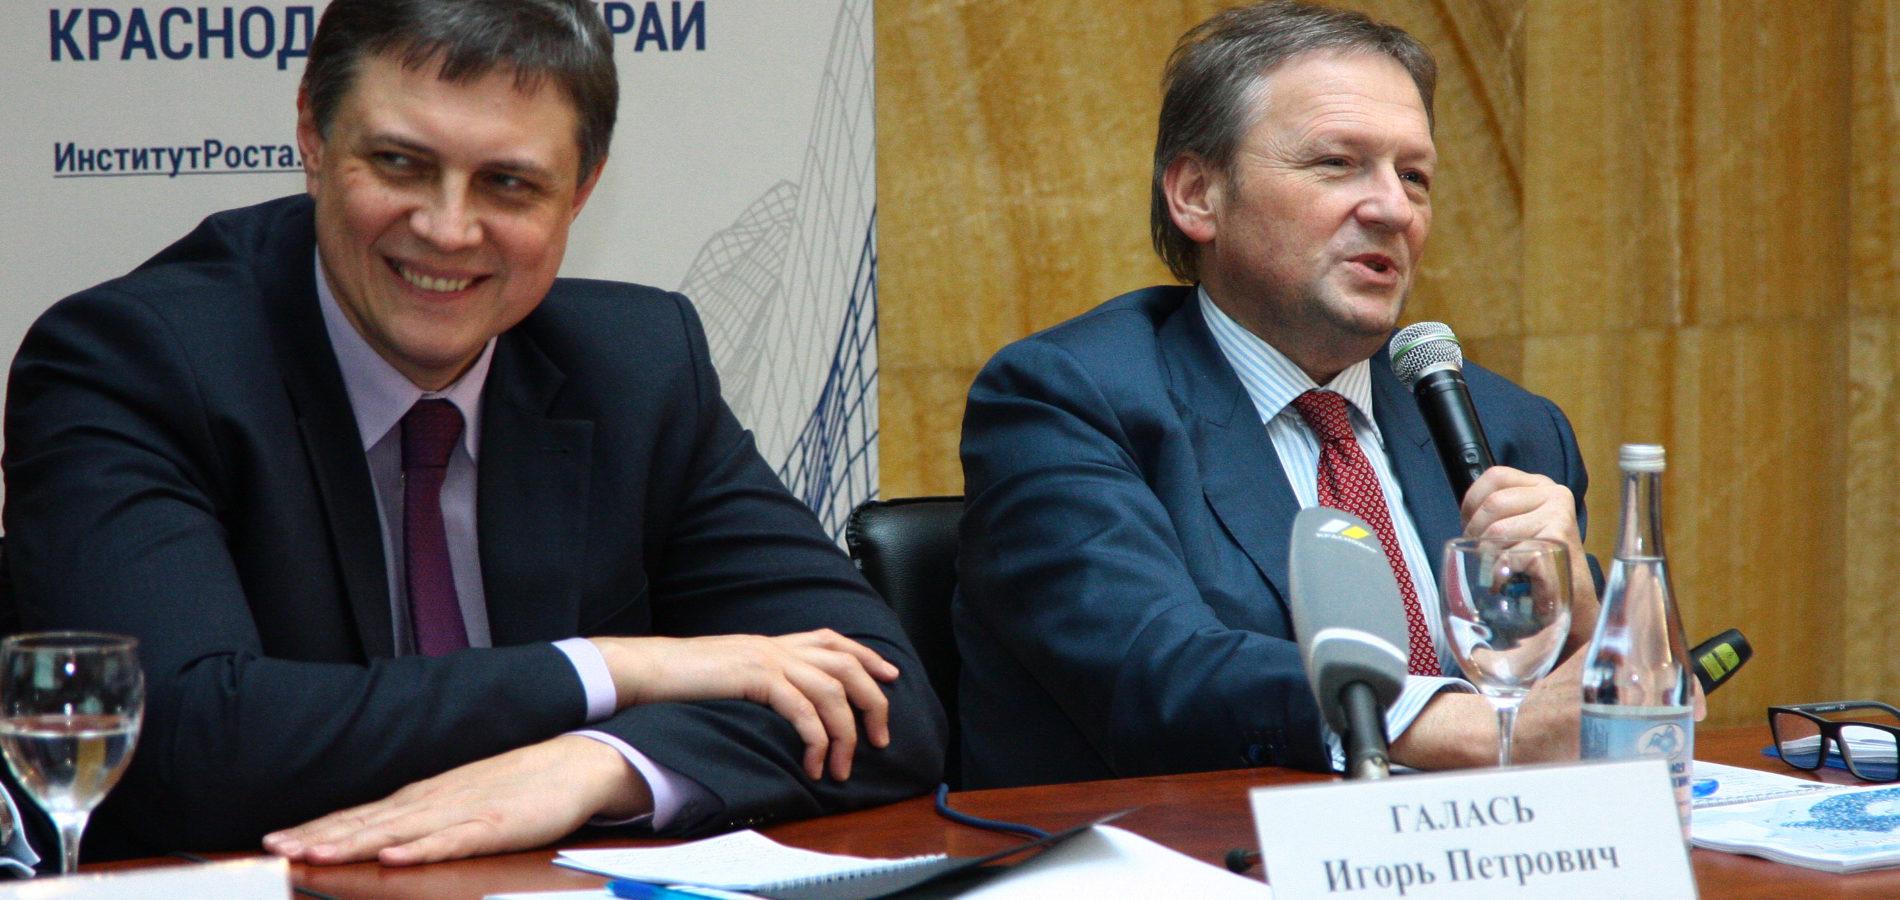 «Стратегия Роста» становится планом развития регионов